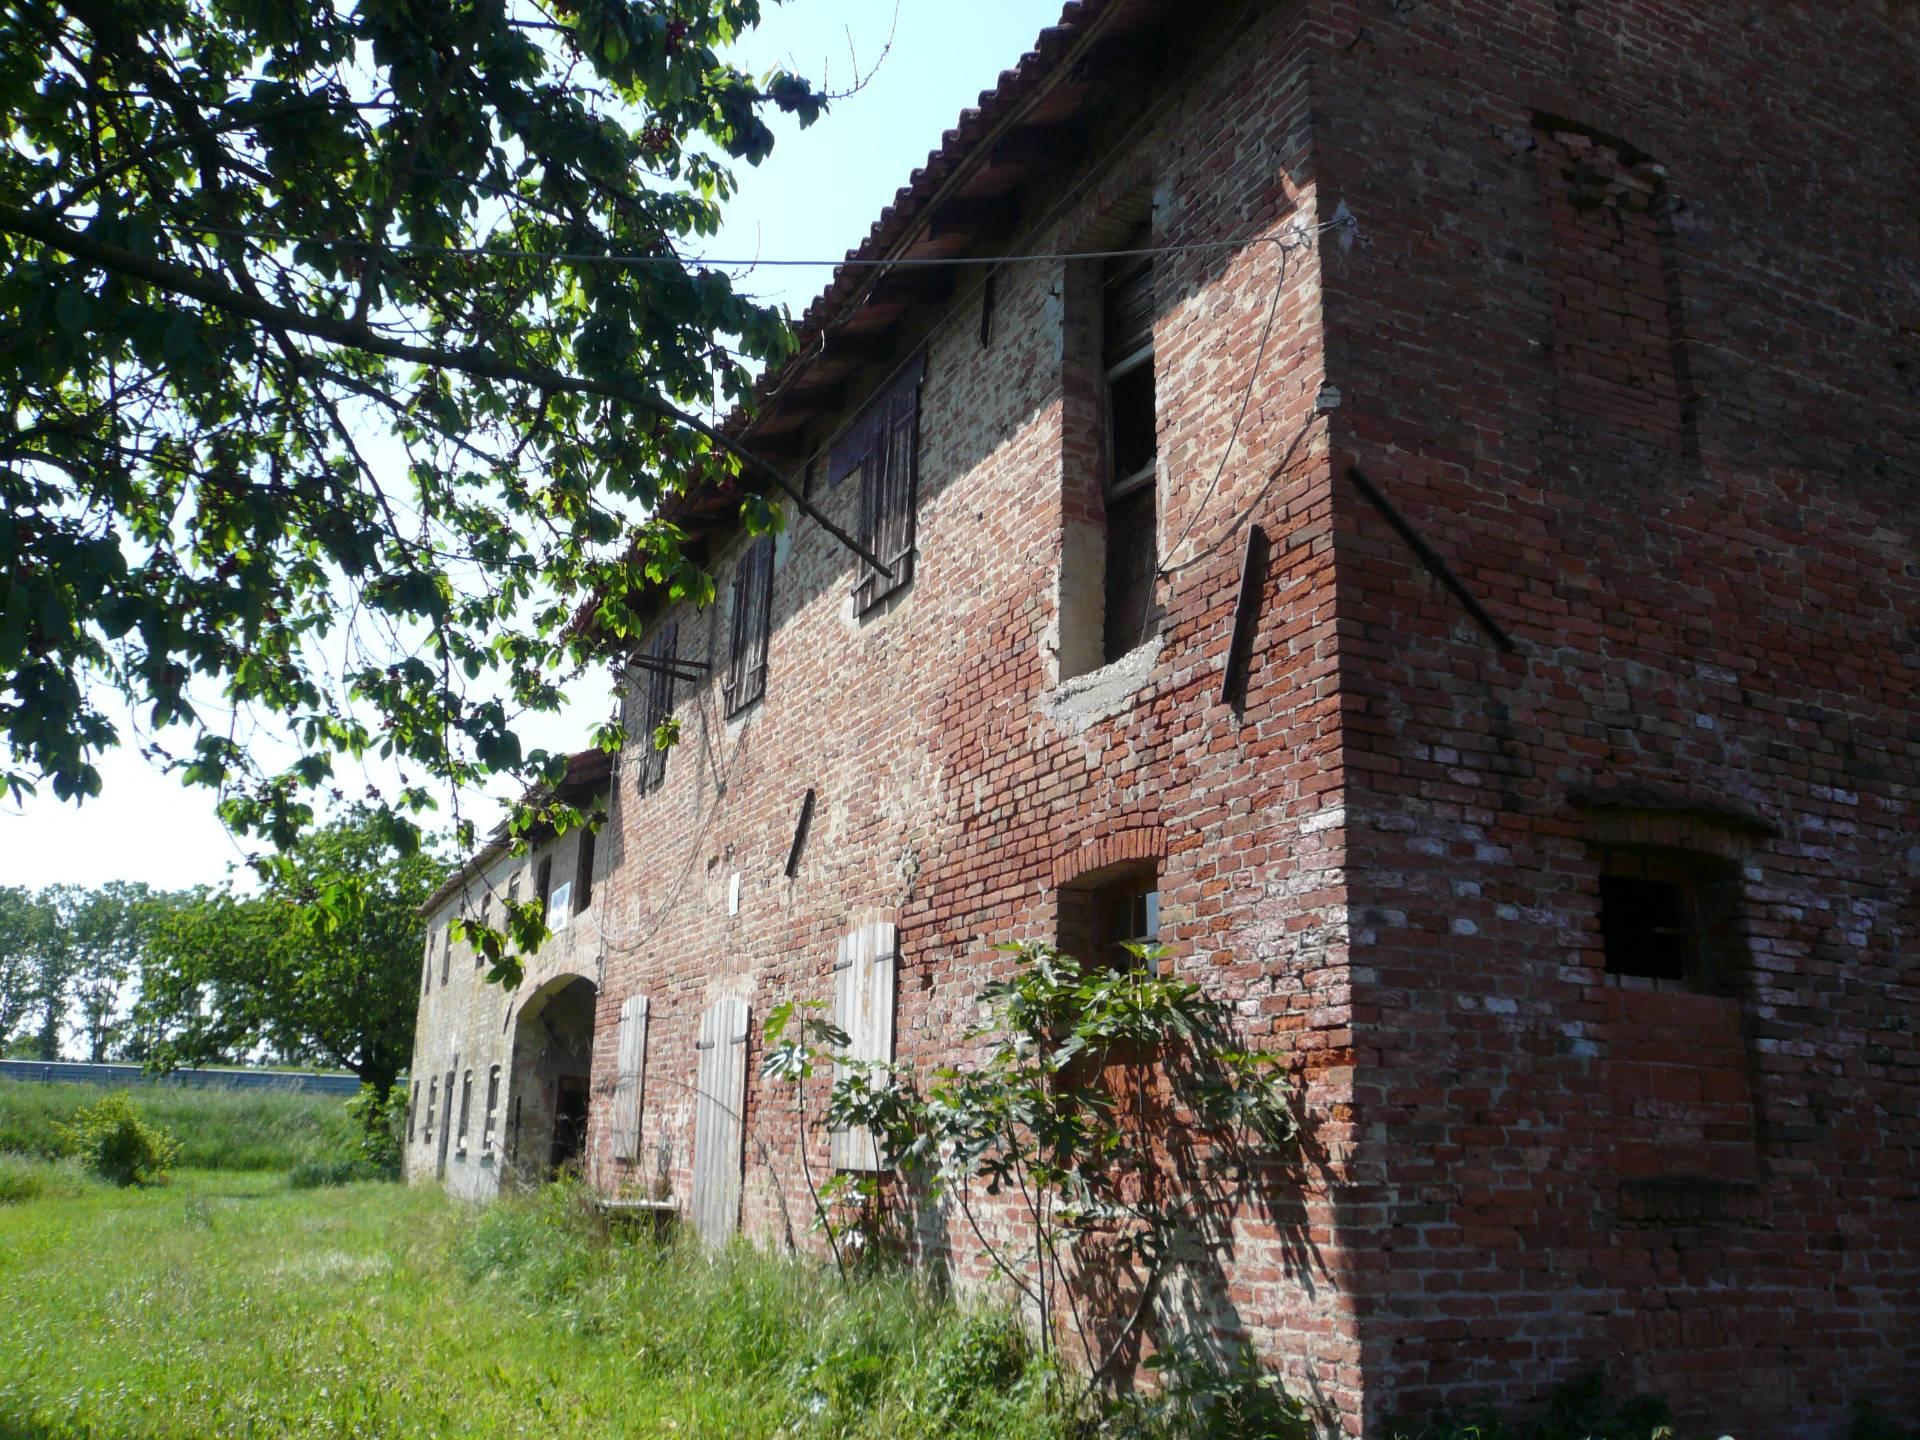 Rustico / Casale in vendita a Casale sul Sile, 20 locali, zona Località: Lughignano, prezzo € 370.000 | CambioCasa.it